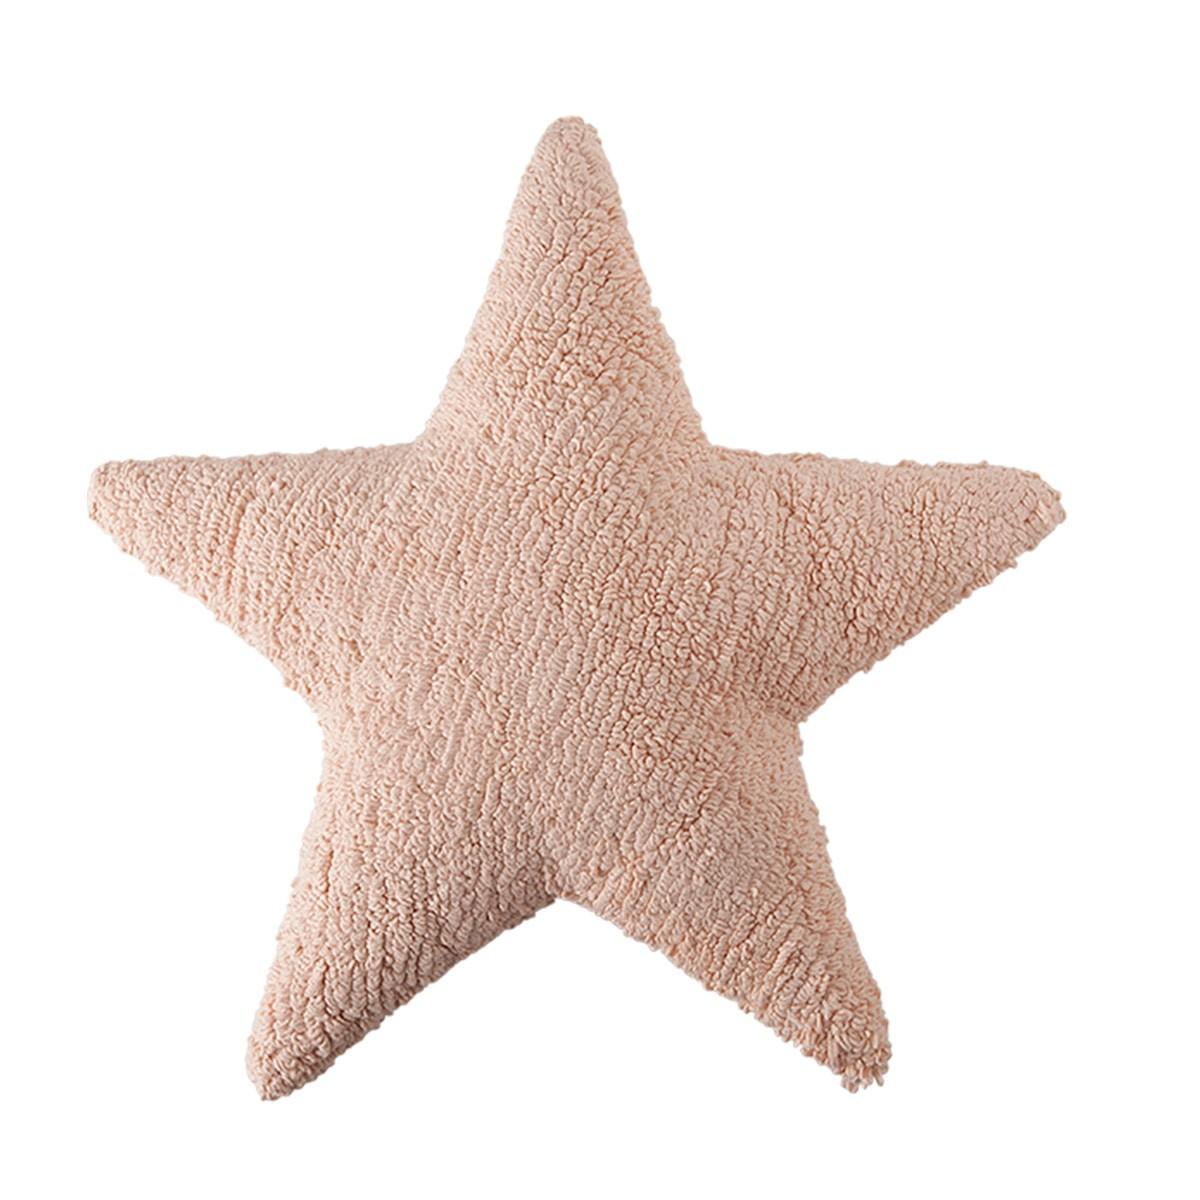 Διακοσμητικό Μαξιλάρι Lorena Canals Star Nude